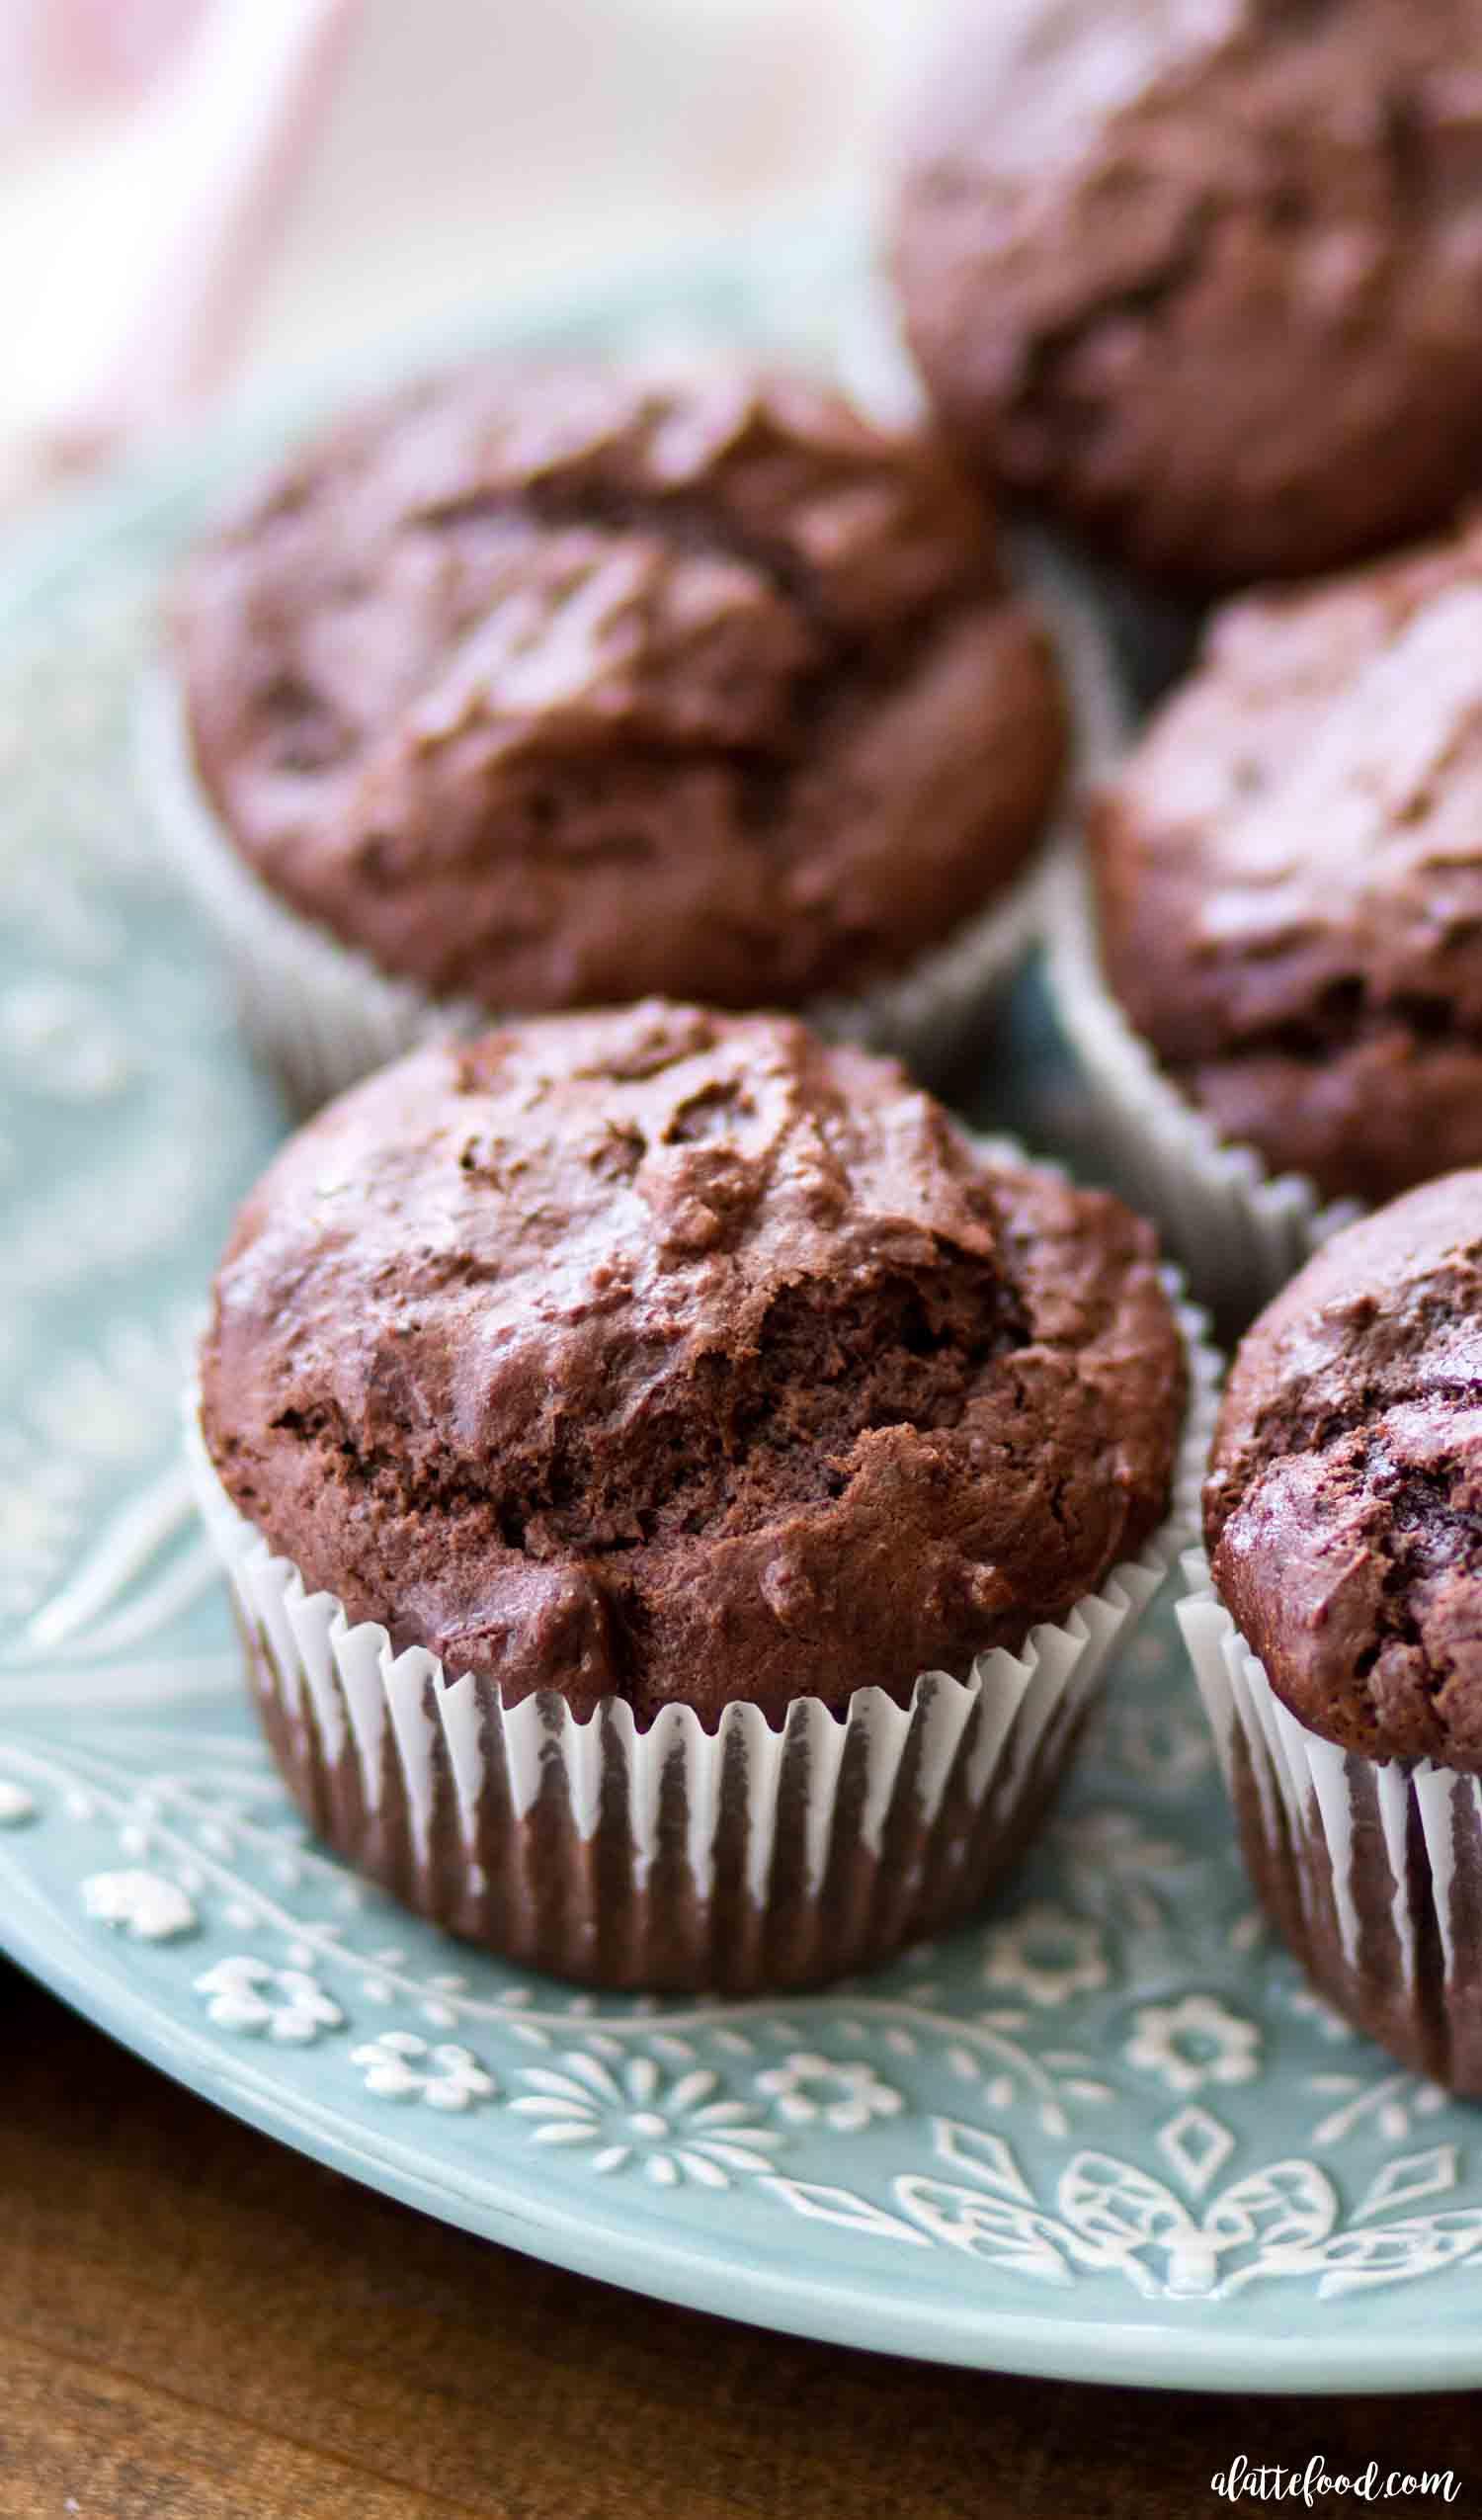 Chocolate muffin recipe 1 egg